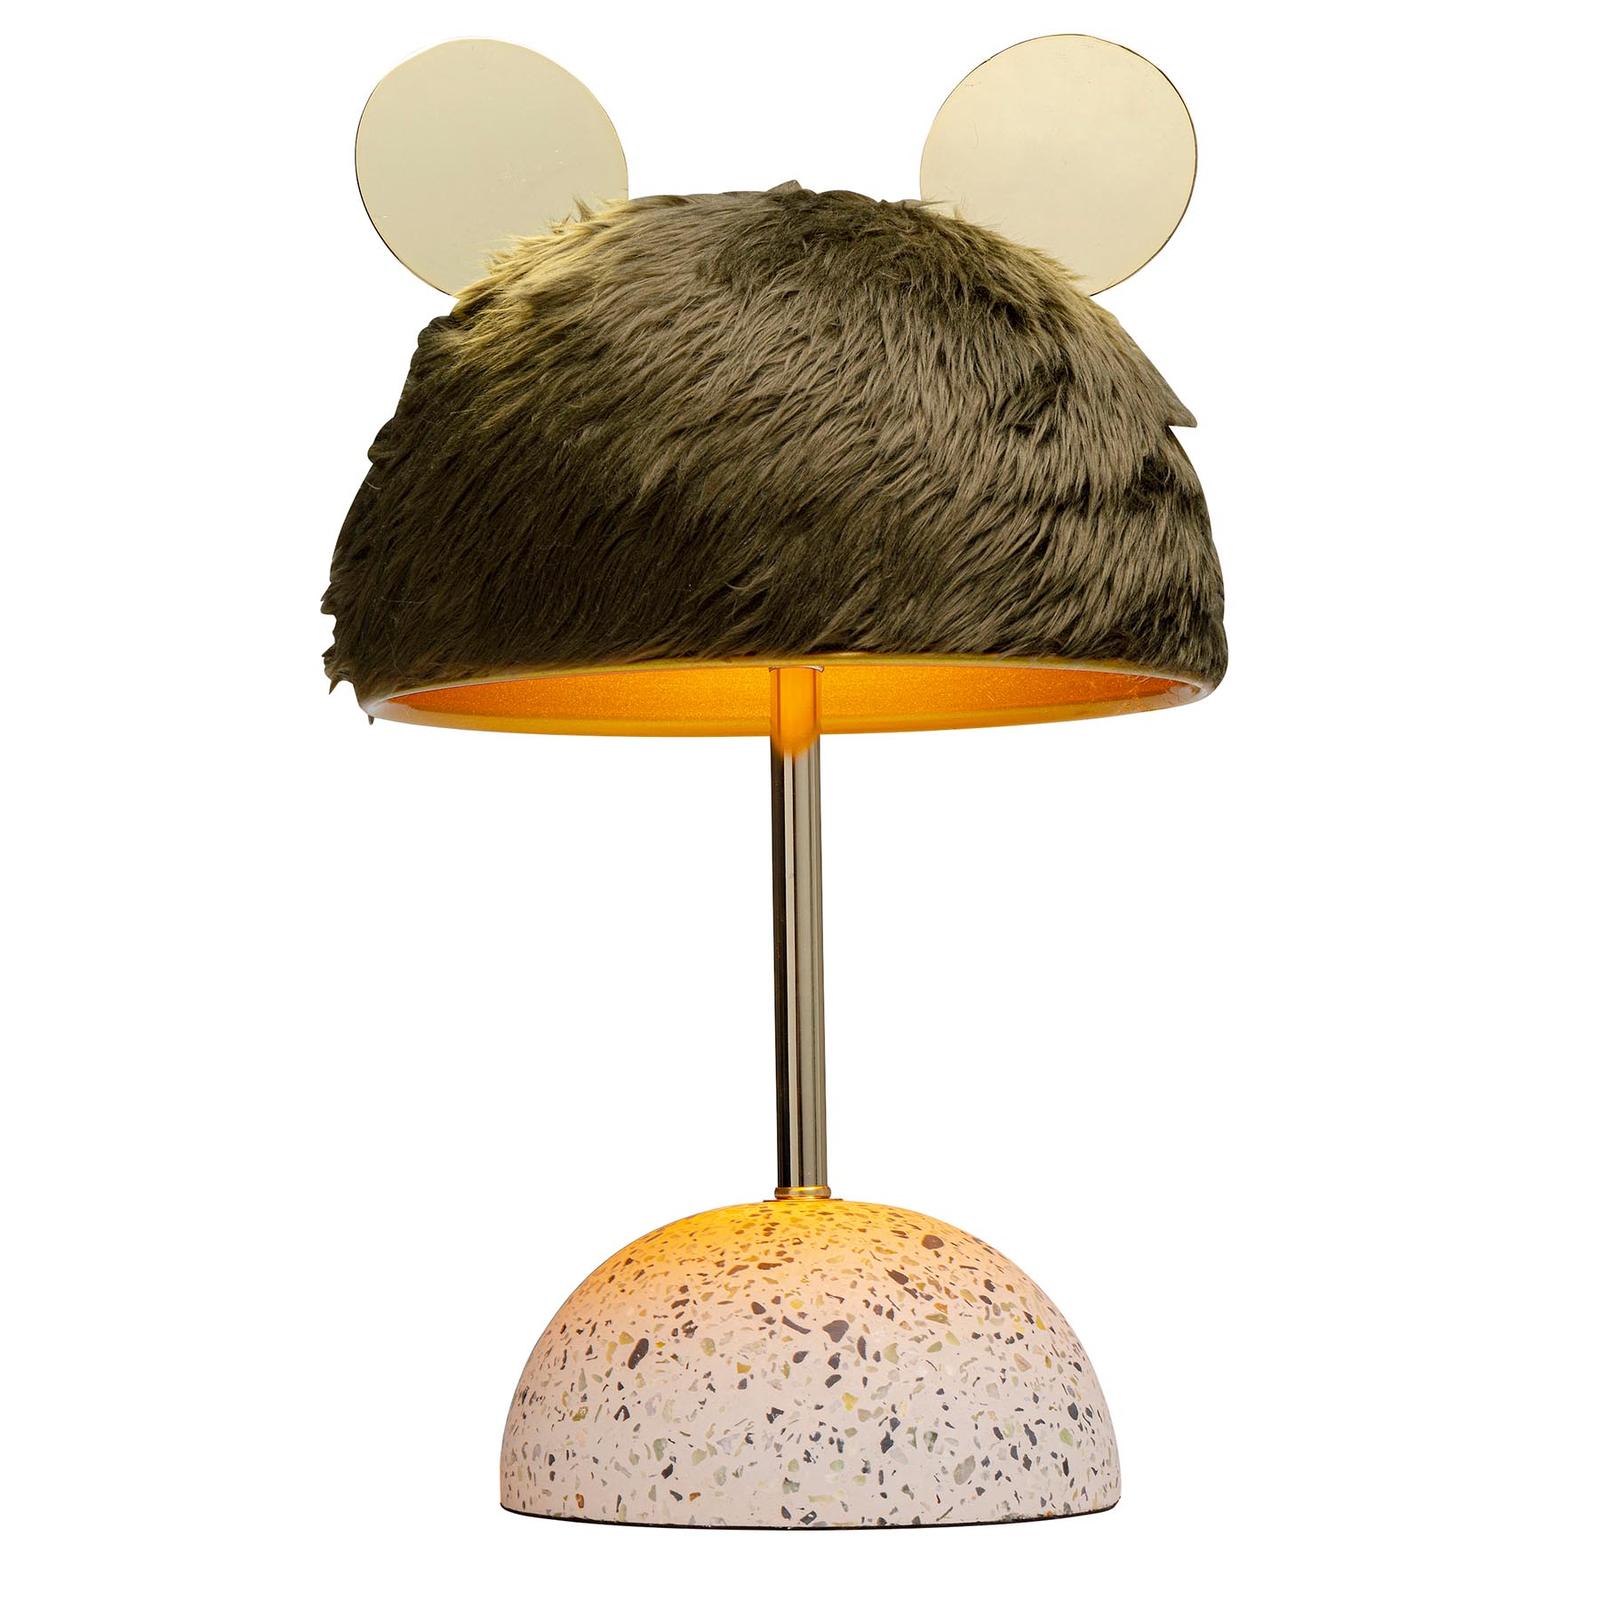 KARE Ear lampa stołowa, klosz o wyglądzie futra